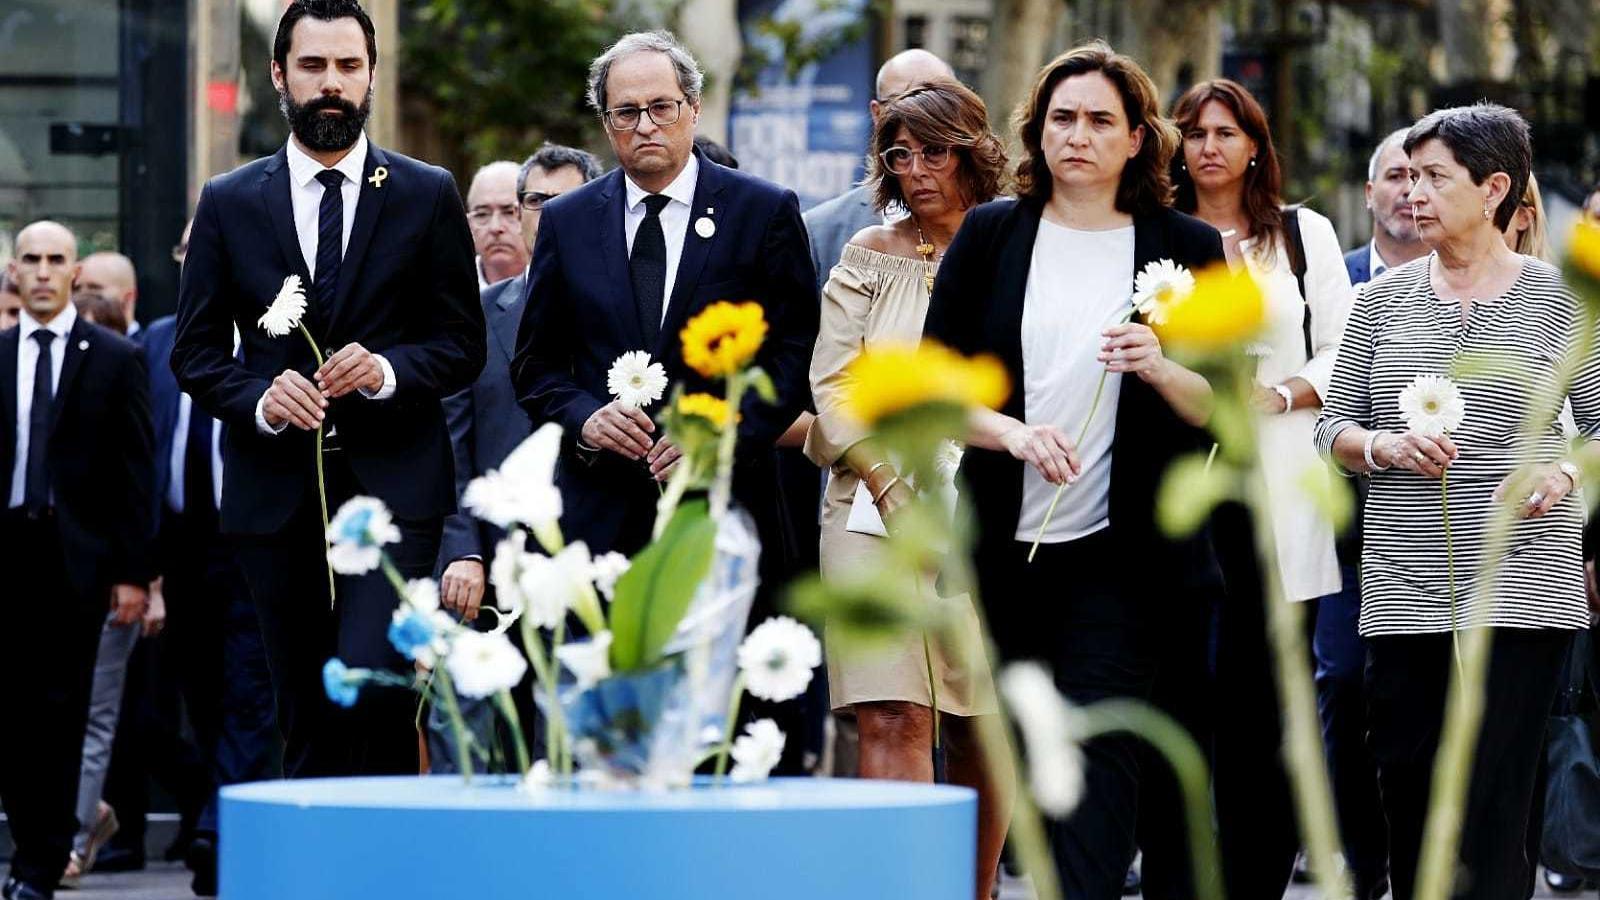 Les autoritats fan l'ofrena floral per les víctimes del 17-A al mosaic de Miró. D'esquerra a dreta, roger torrent, Quim torra, Ada Colau i Teresa Cunillera